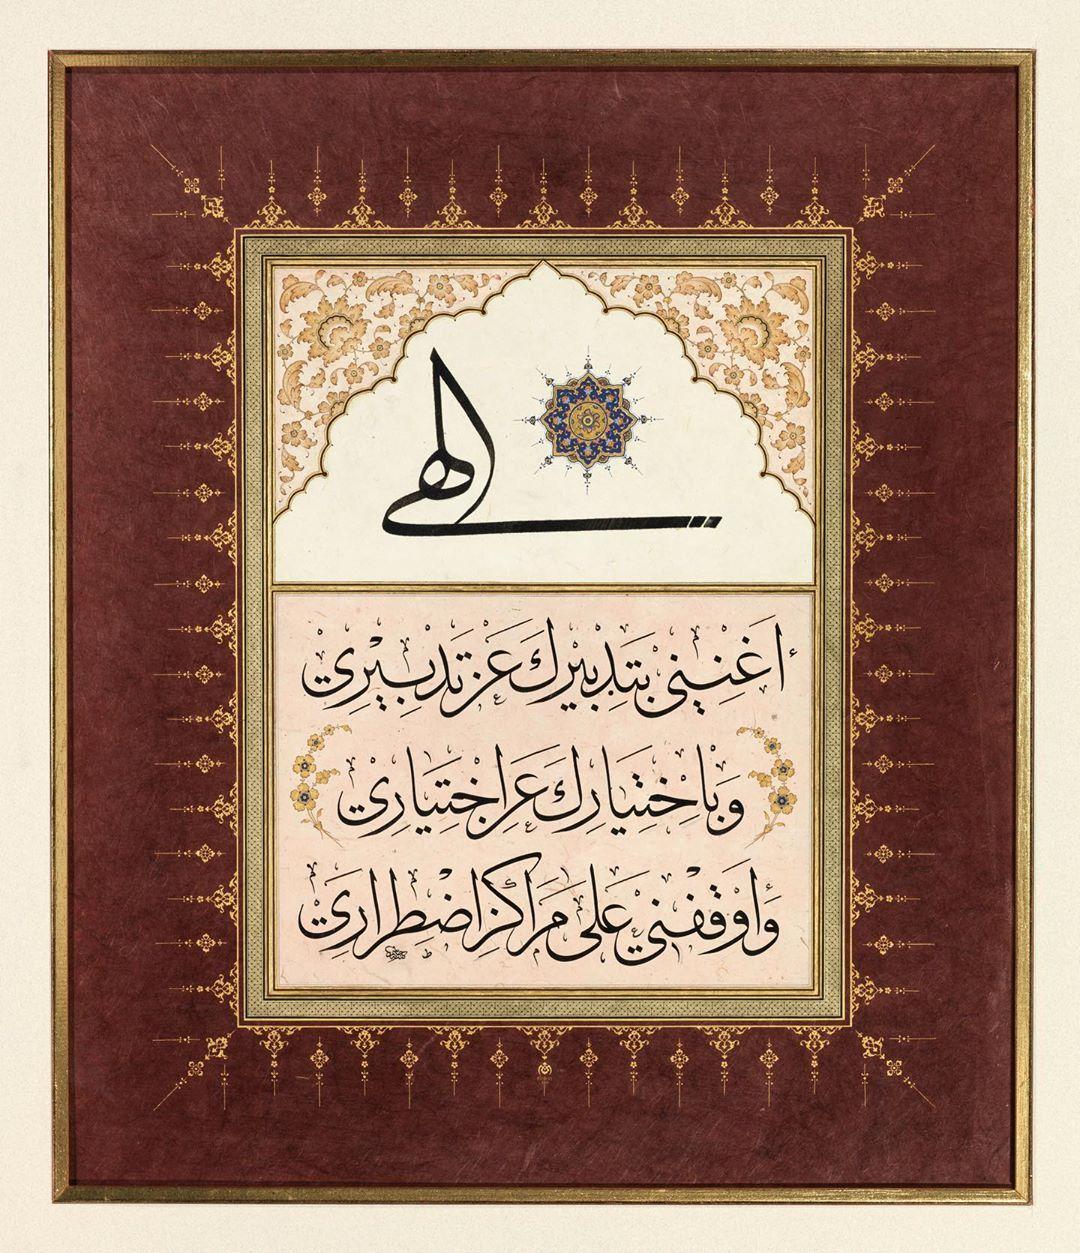 Karya Kaligrafi كنت في حوار مع الصديق الخطاط عدي الاعرجي حول منهجية تعلم فن الخط ، فبحثت في دروس…- jasssim Meraj